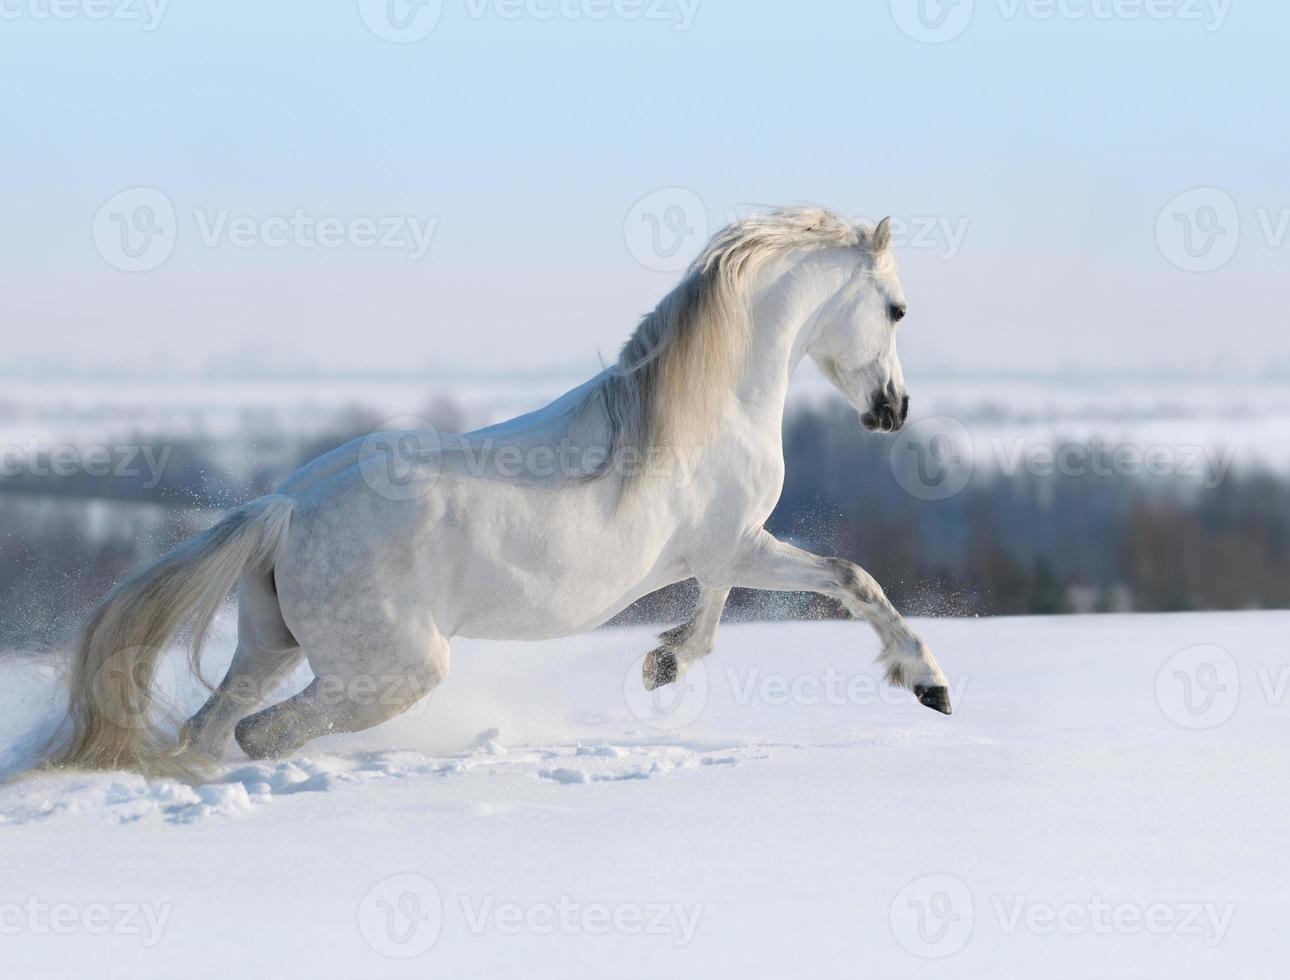 cavallo bianco al galoppo foto